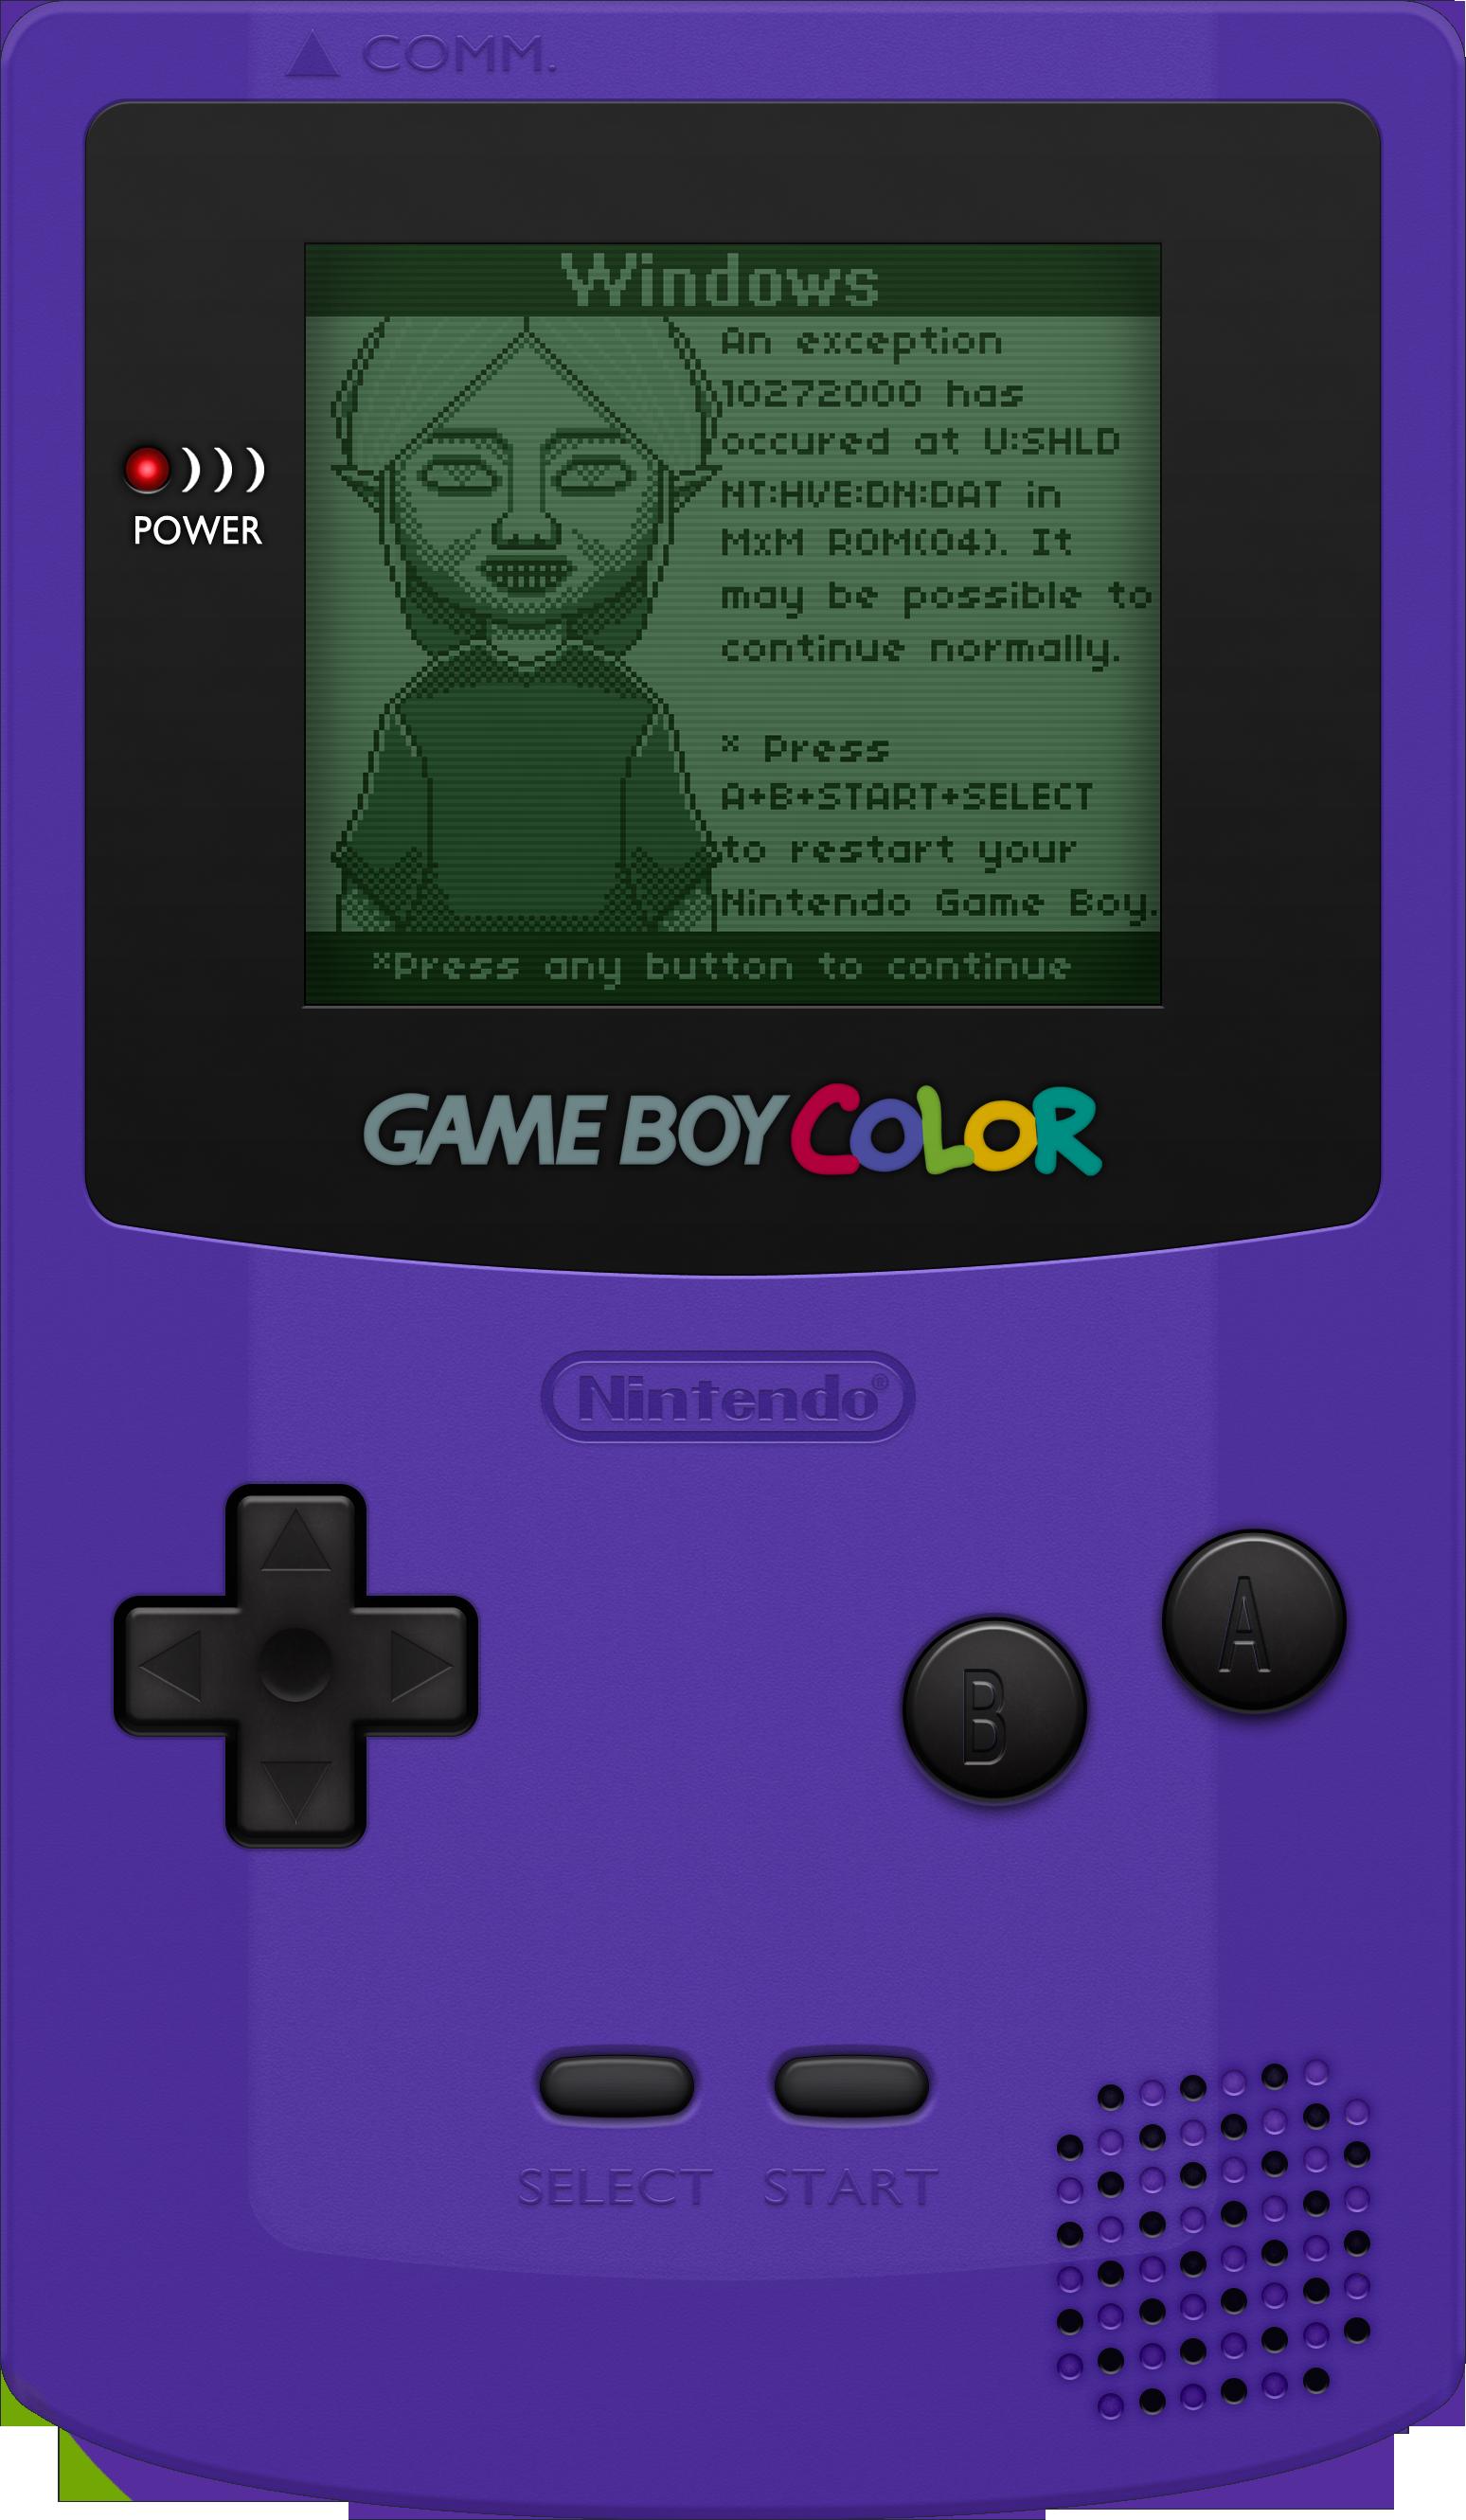 Gameboy color -  Nintendo Game Boy Color Grape By Blueamnesiac